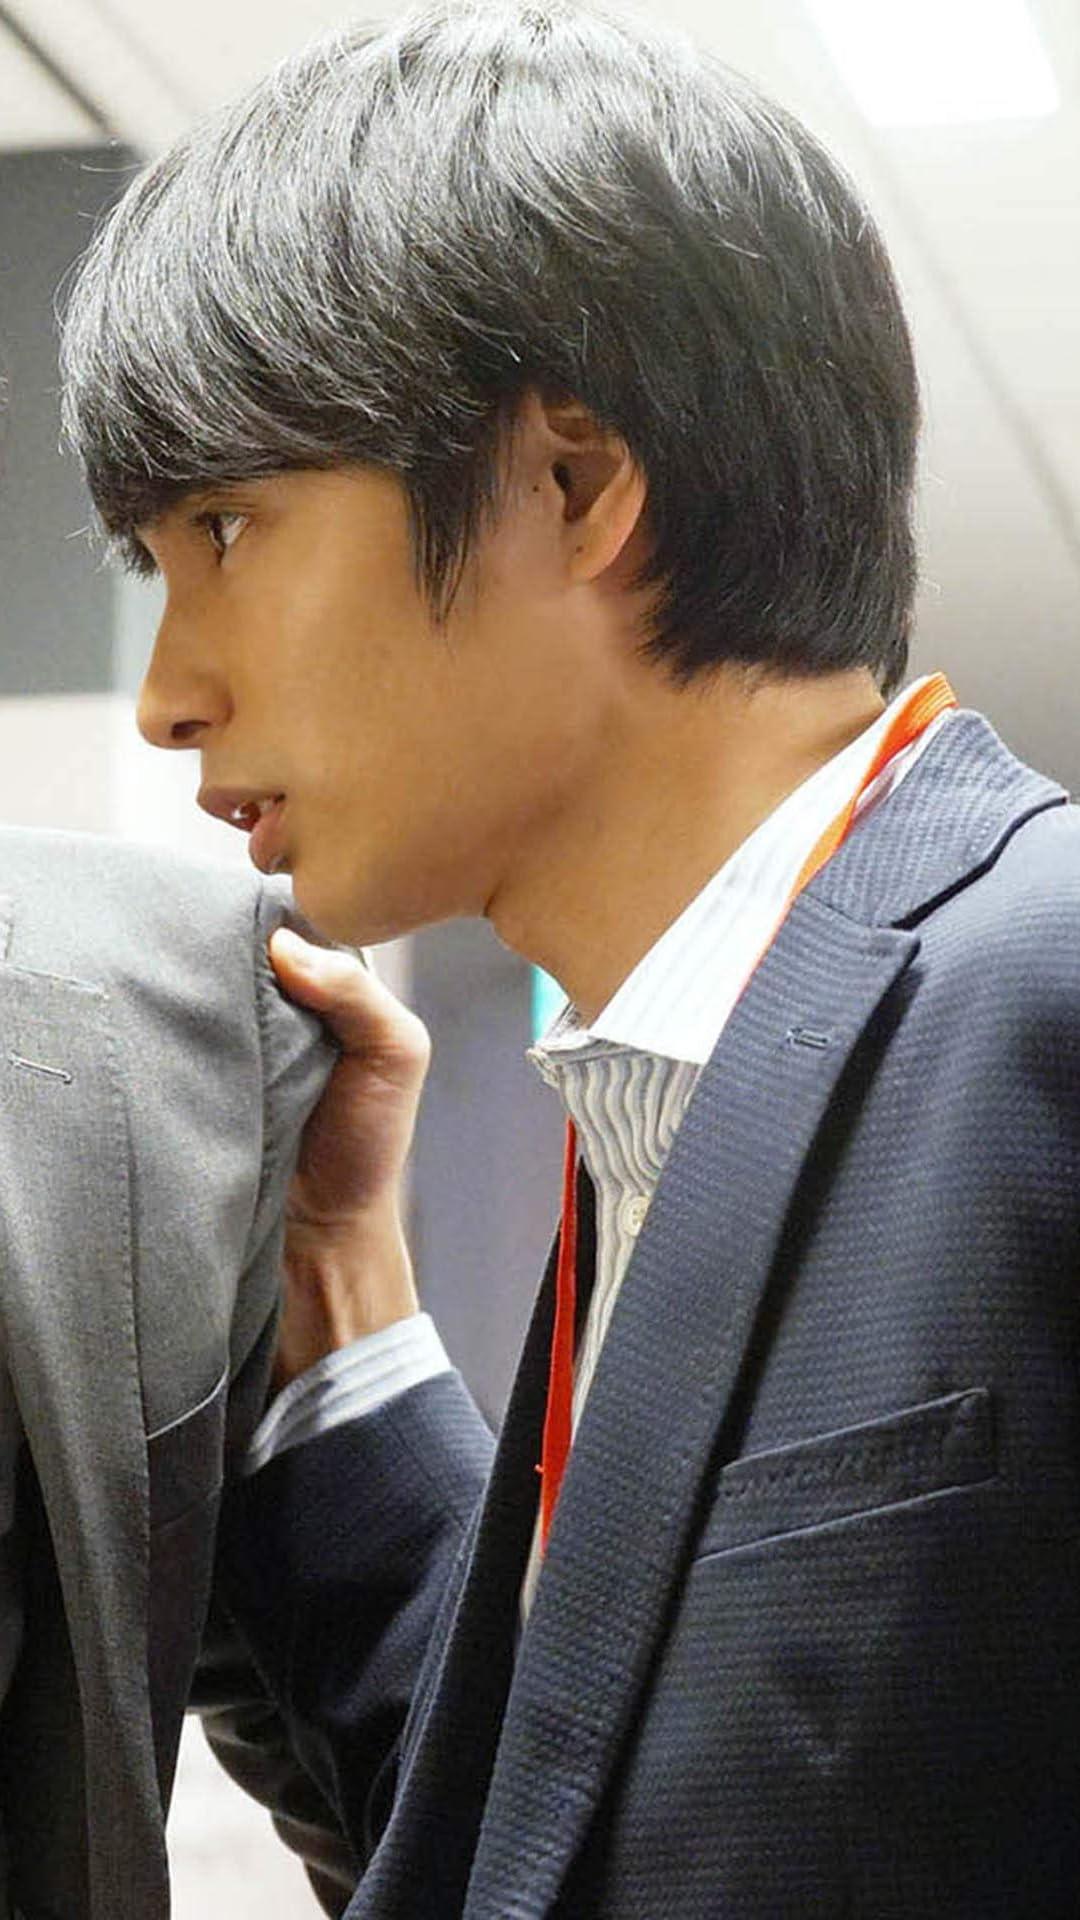 中村蒼 『命売ります』山田羽仁男 フルHD(1080×1920)スマホ壁紙/待受画像